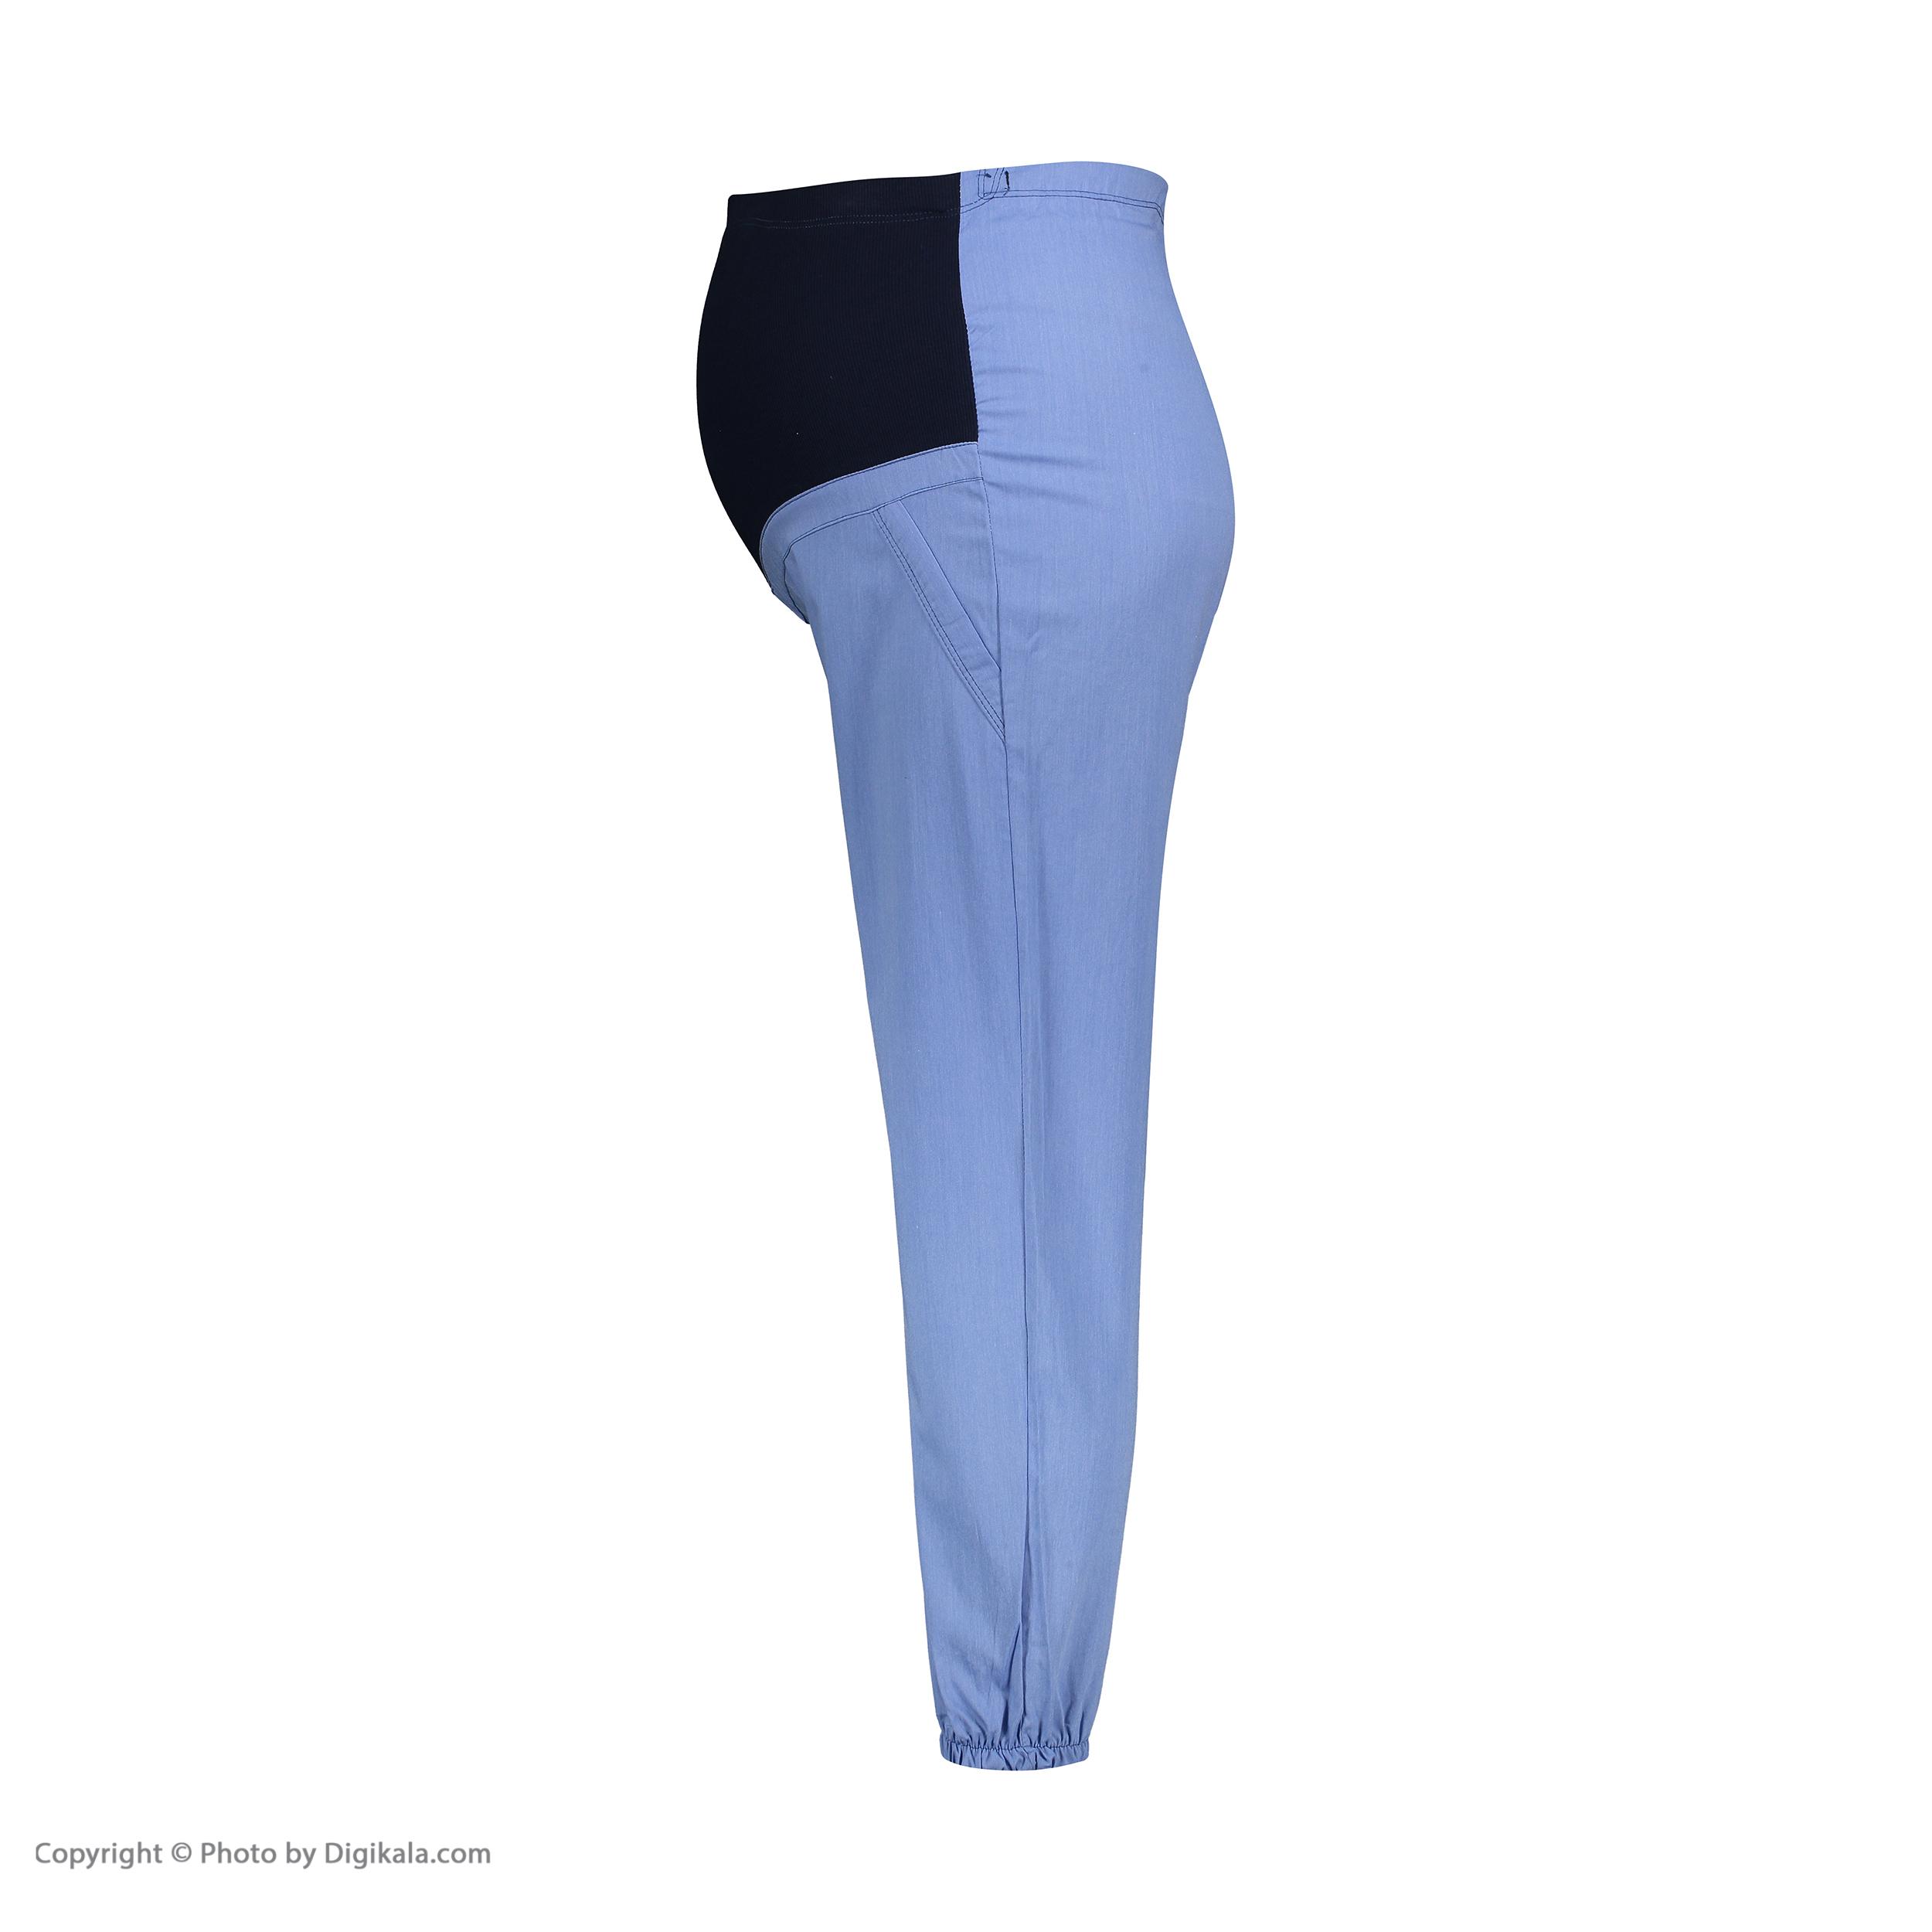 شلوار بارداری کد 00417 رنگ آبی روشن